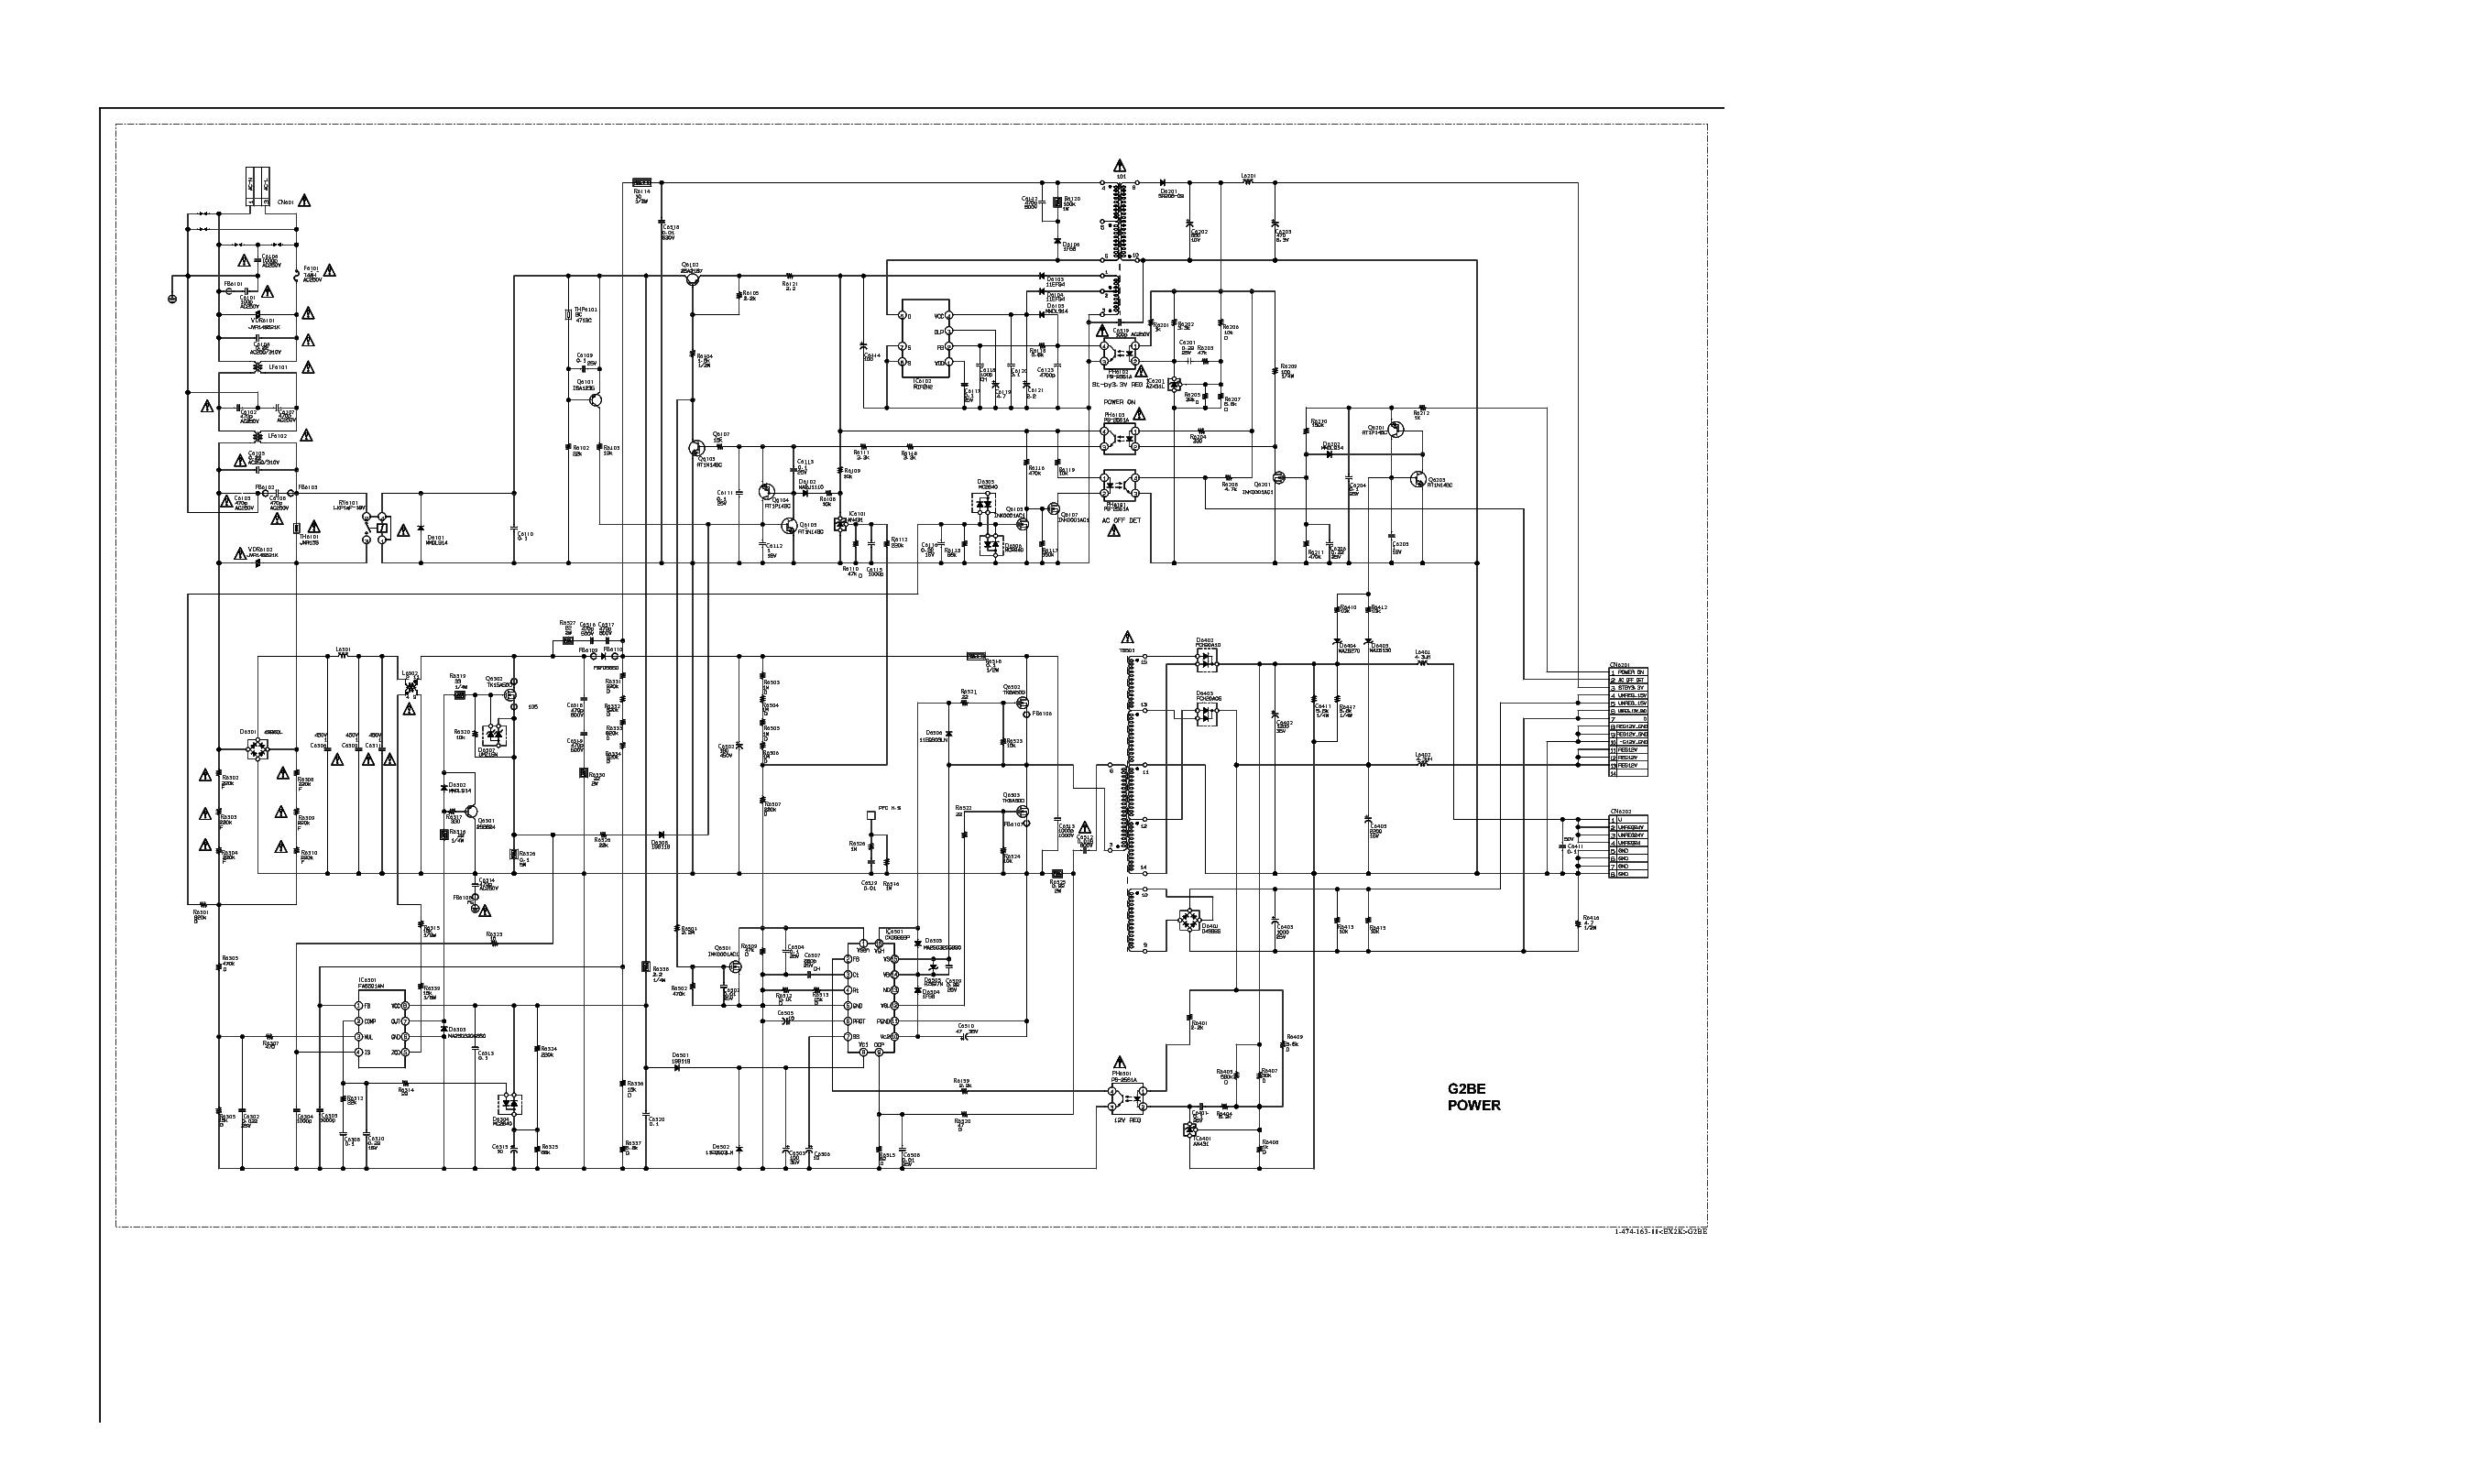 Sony Gf2 1 873 814 13 L Cxd P Mip2h2 Sch Service